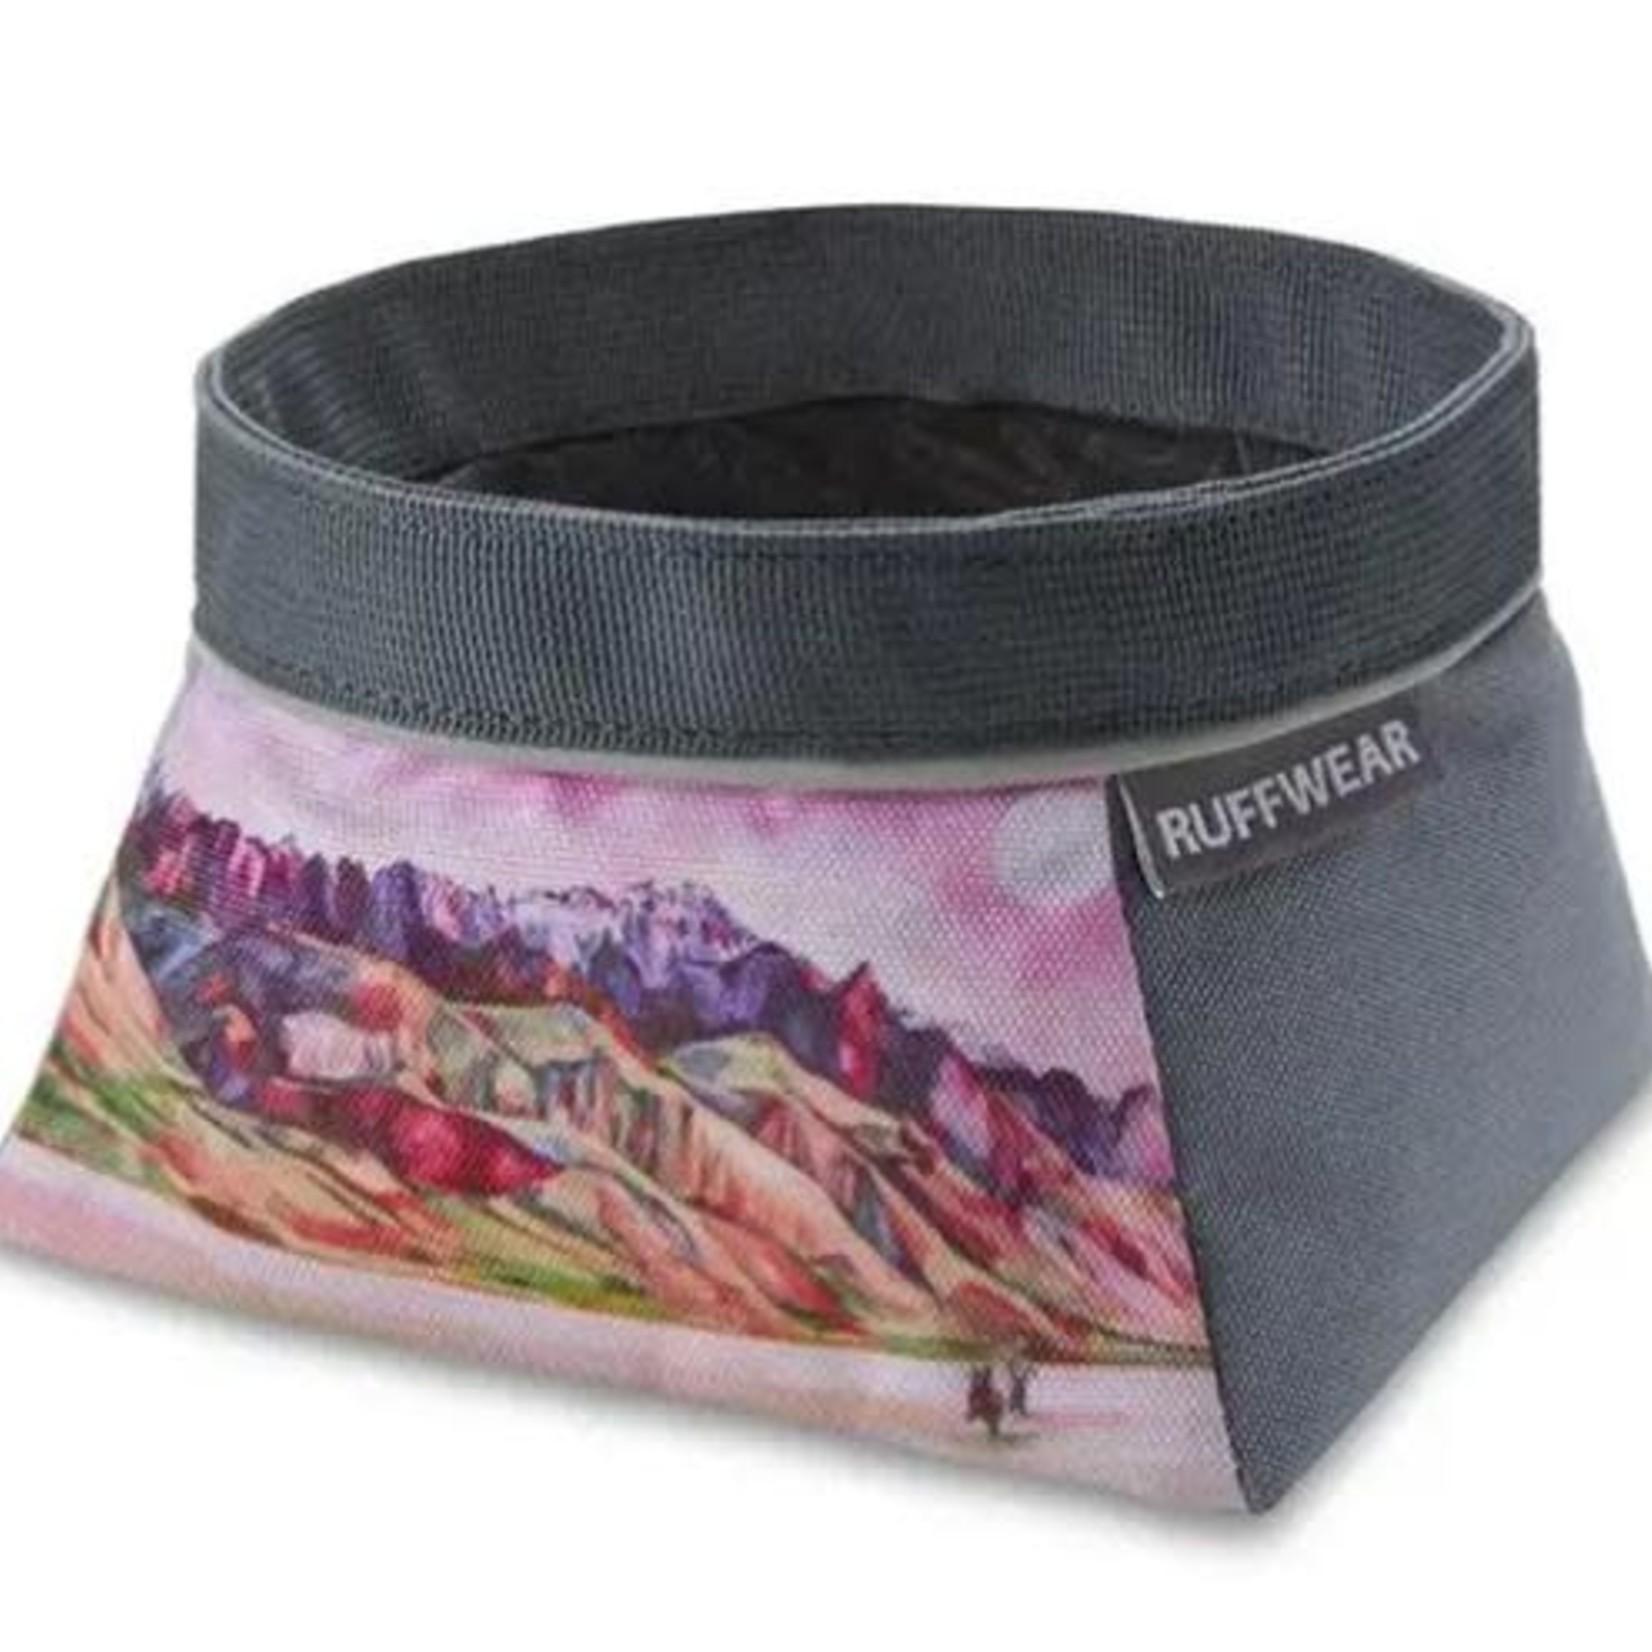 Ruff Wear Ruffwear Artist Series Alvord Desert Quencher Bowl